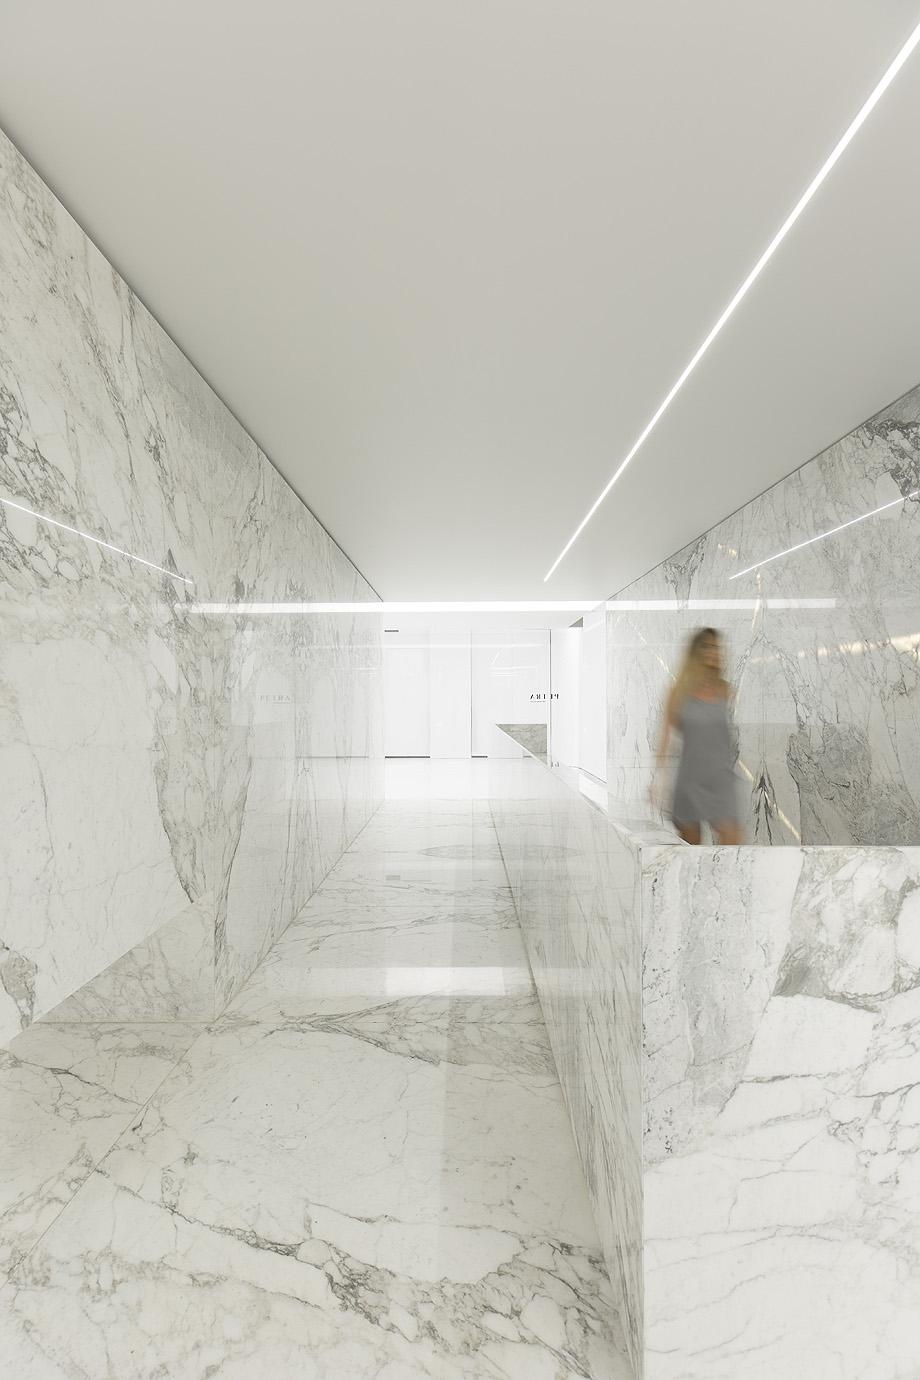 petra. the stone atelier de fran navarro arquitectos y alfaro hofmann (16)